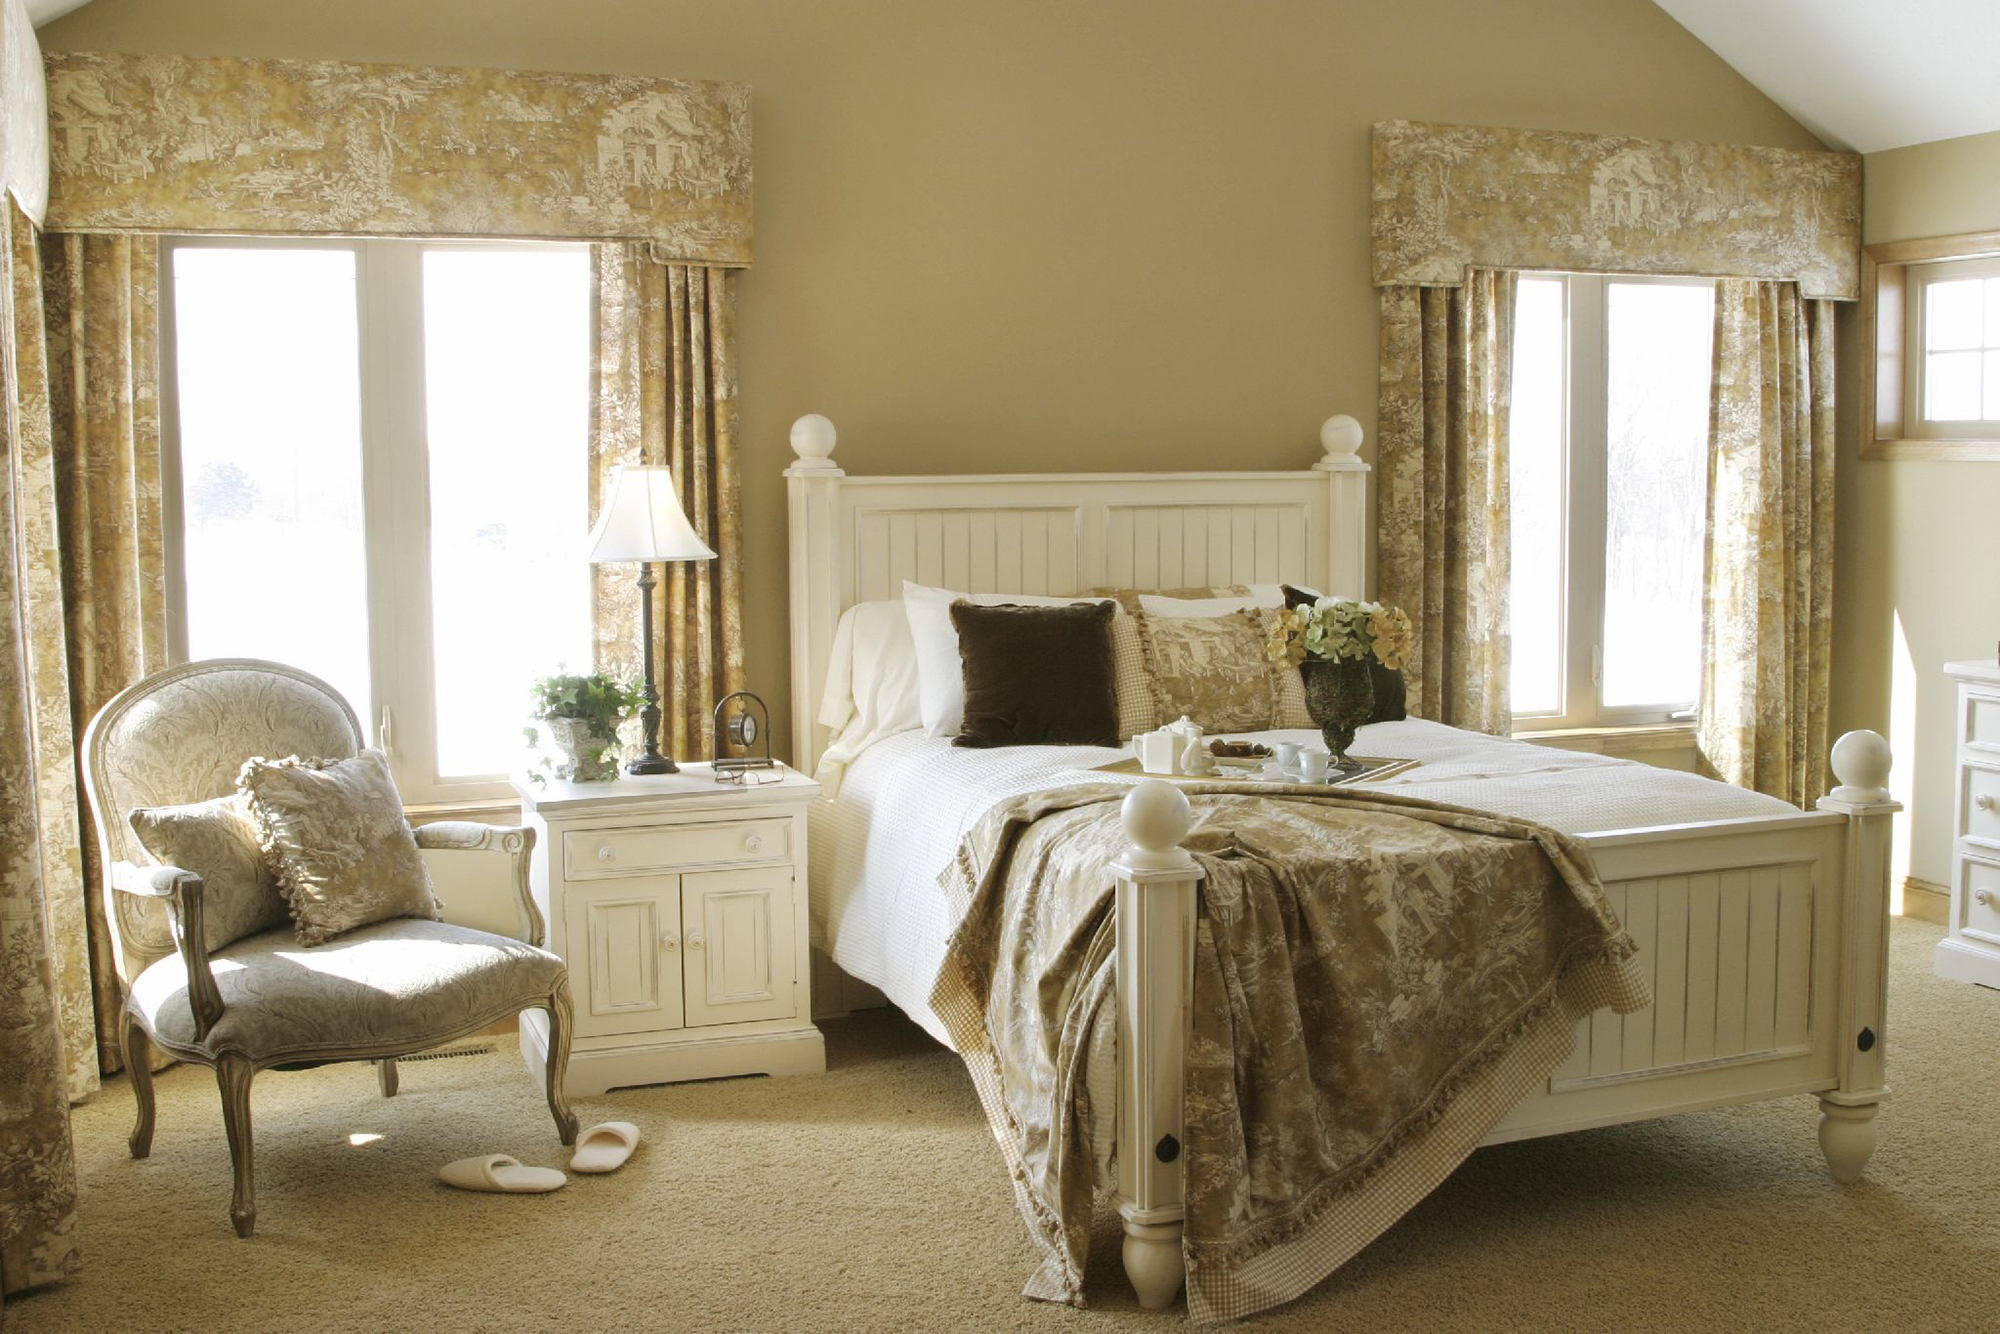 Белая кровать в стиле прованс в спальне